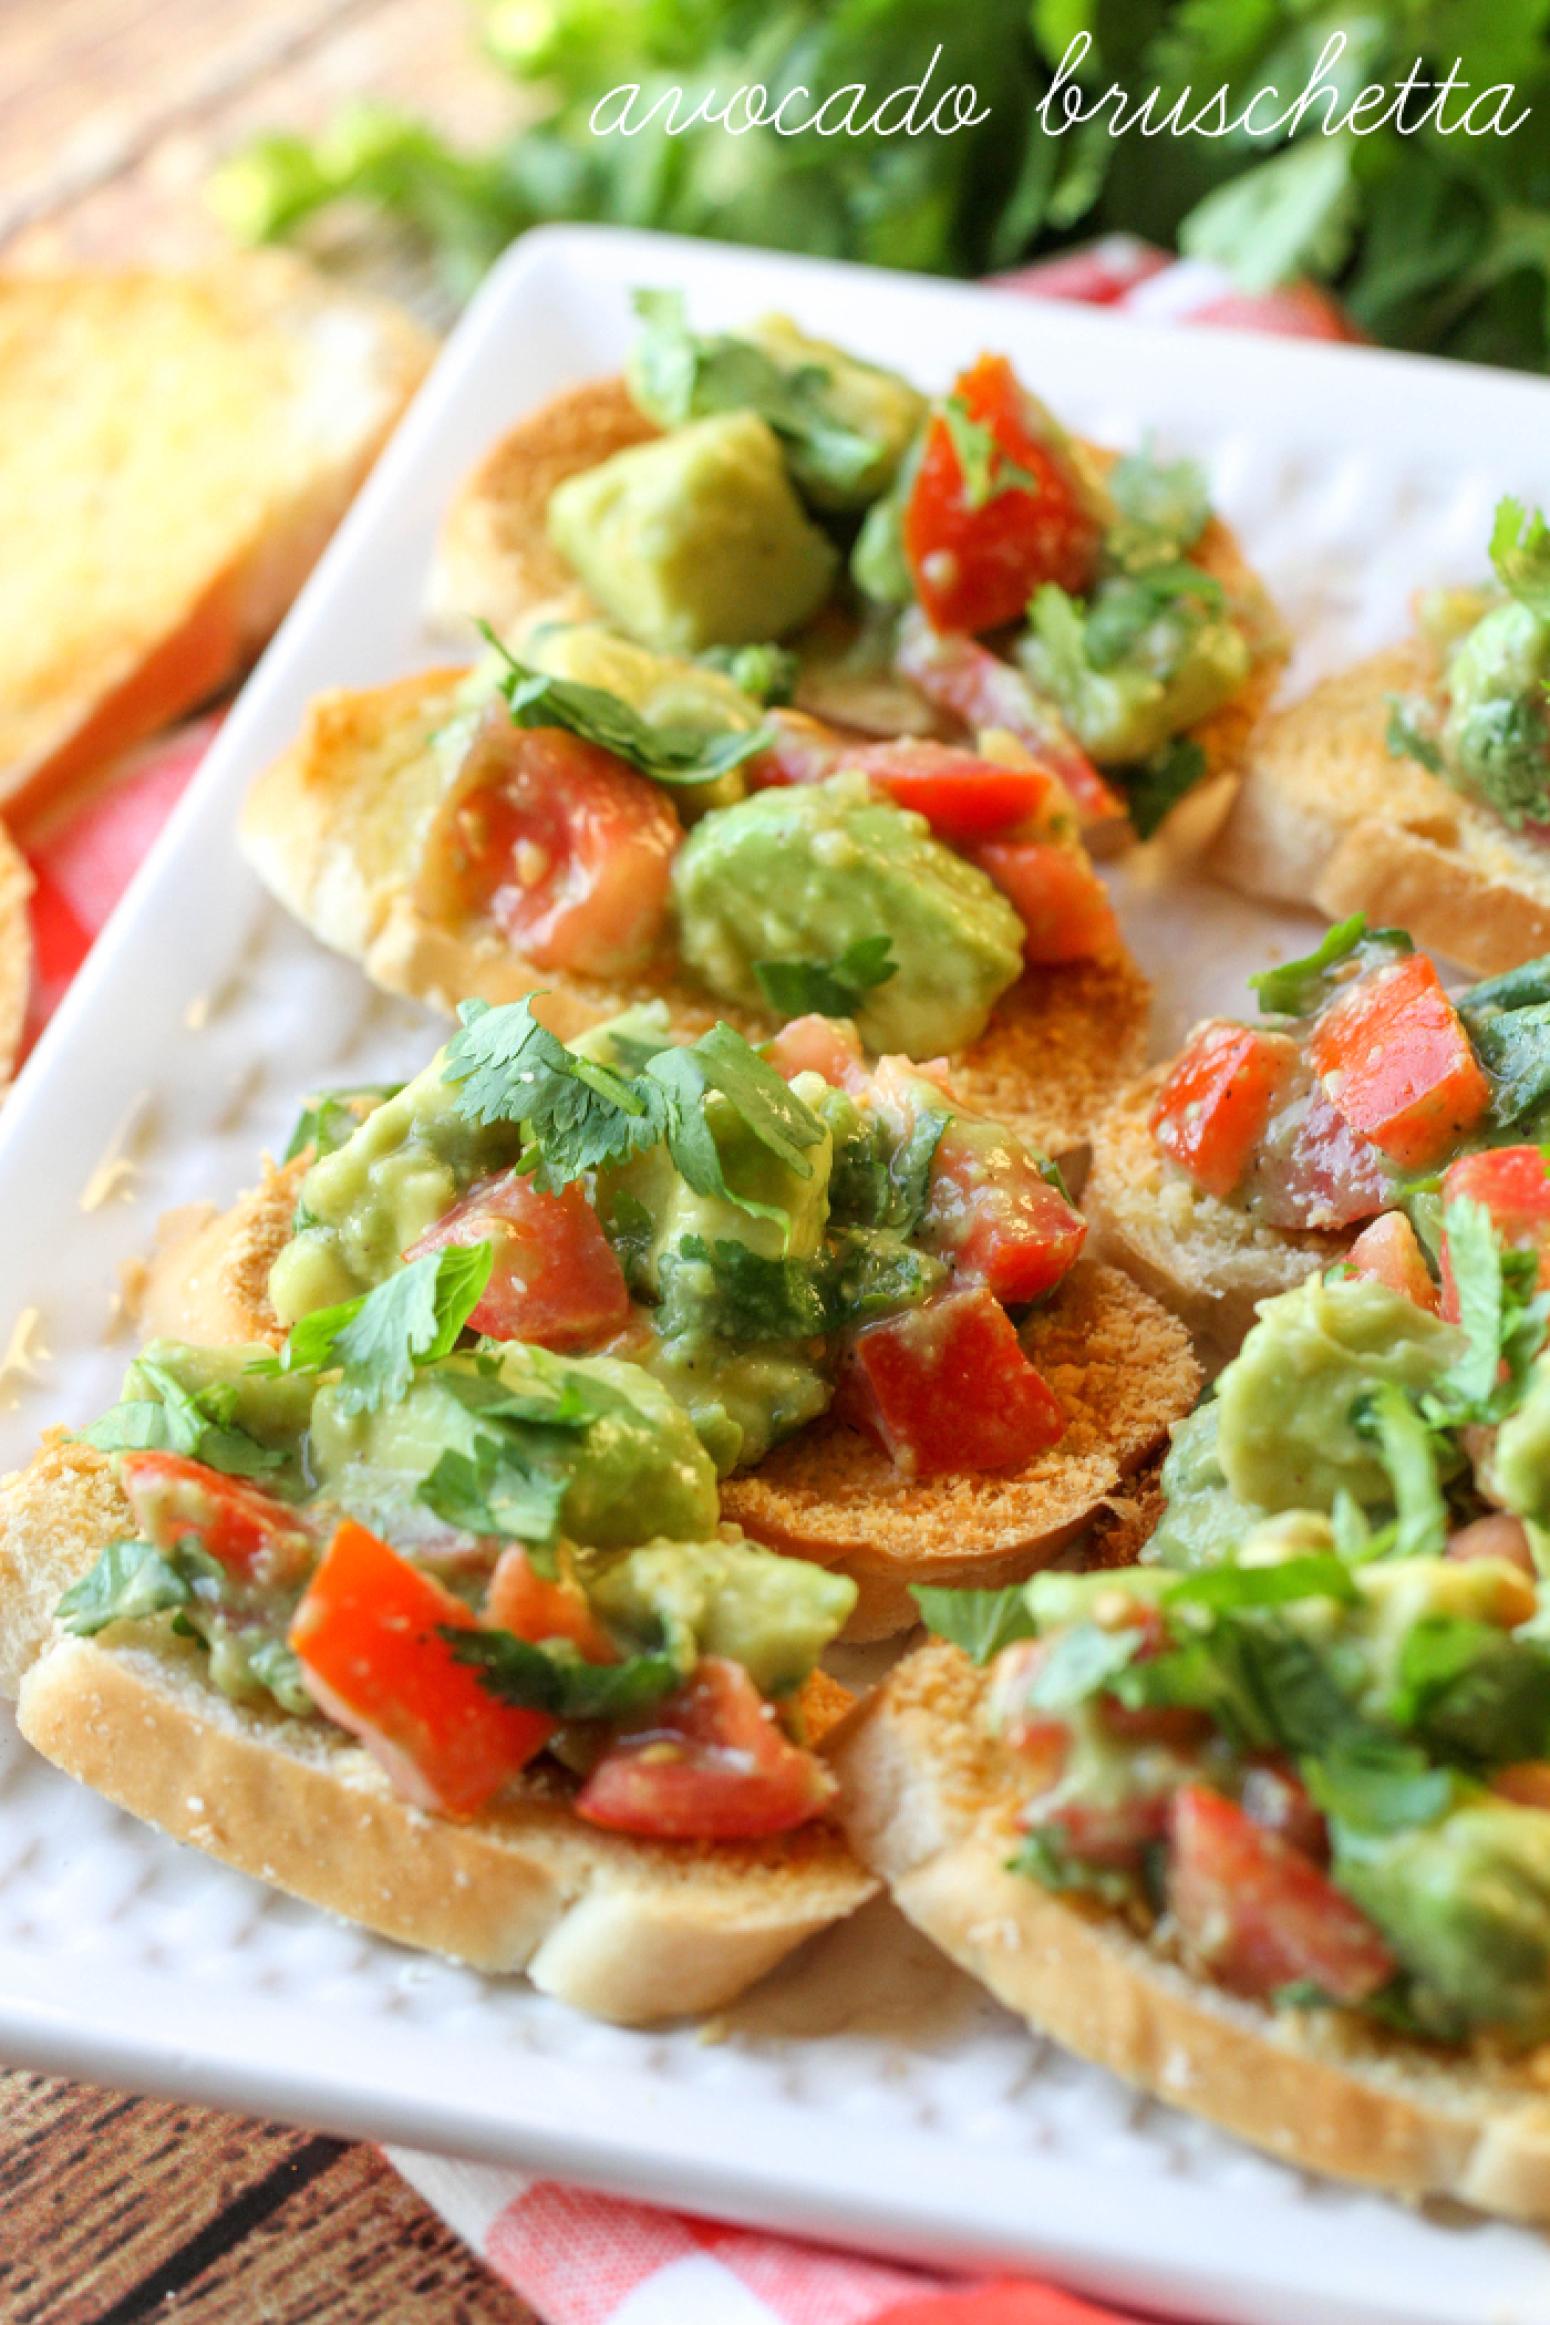 Guacamole Bruschetta Recipe 3 | Just A Pinch Recipes